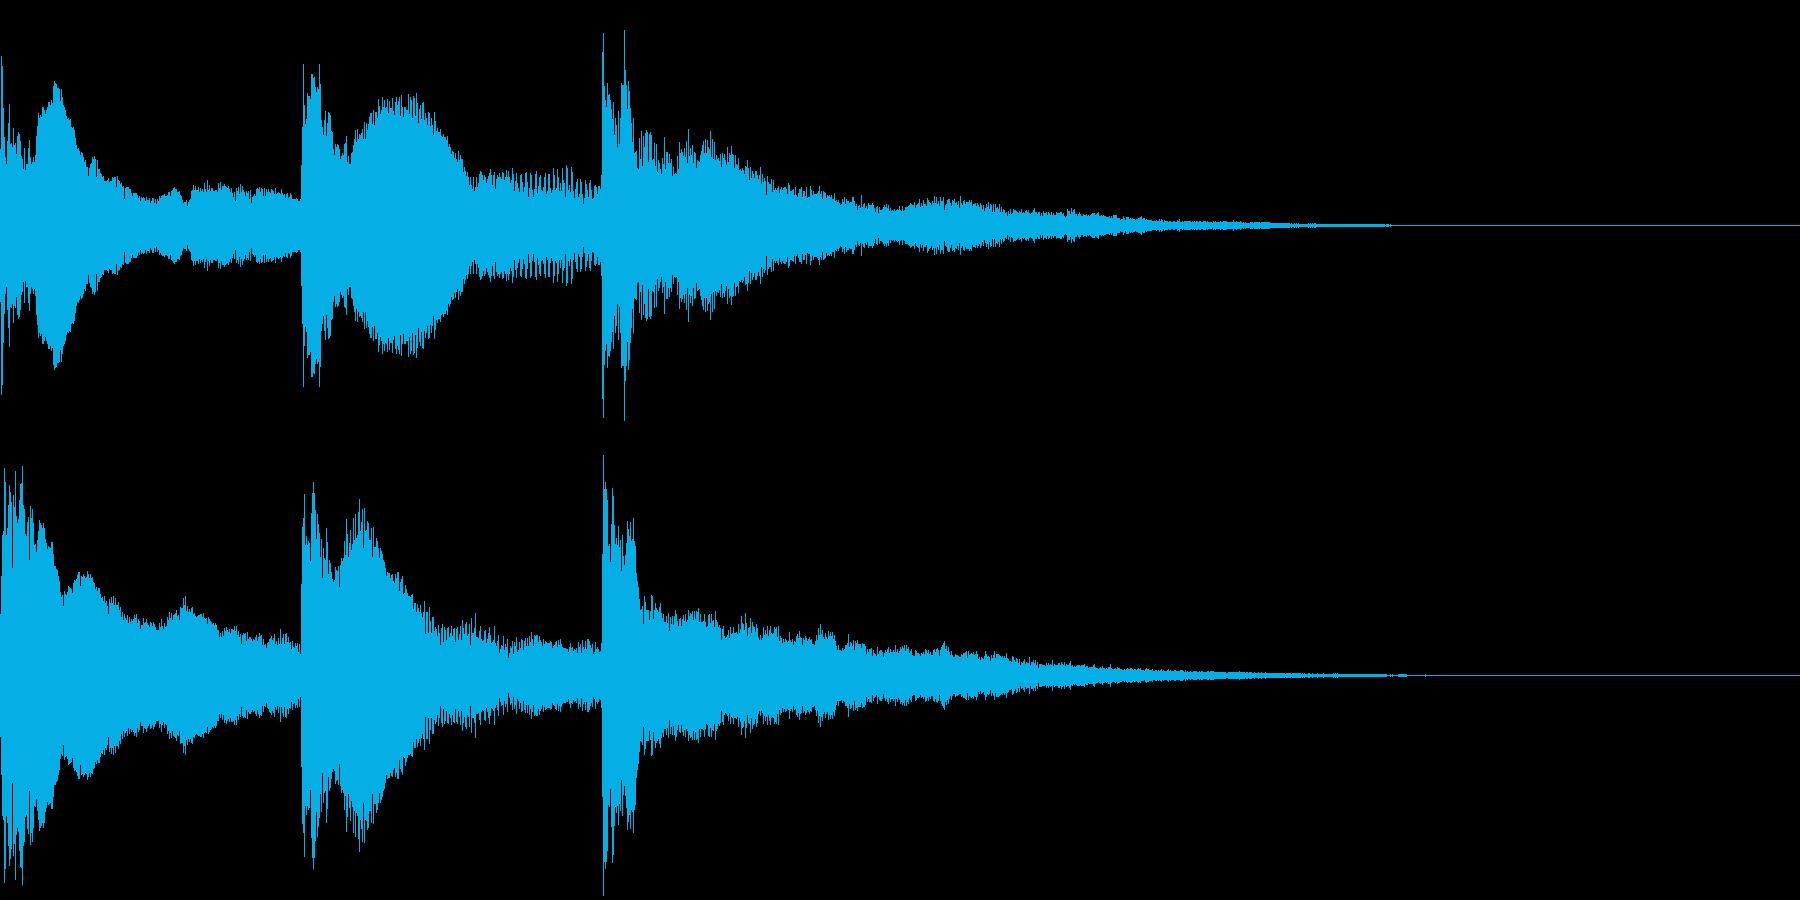 響きのあるホラーなジングルの再生済みの波形